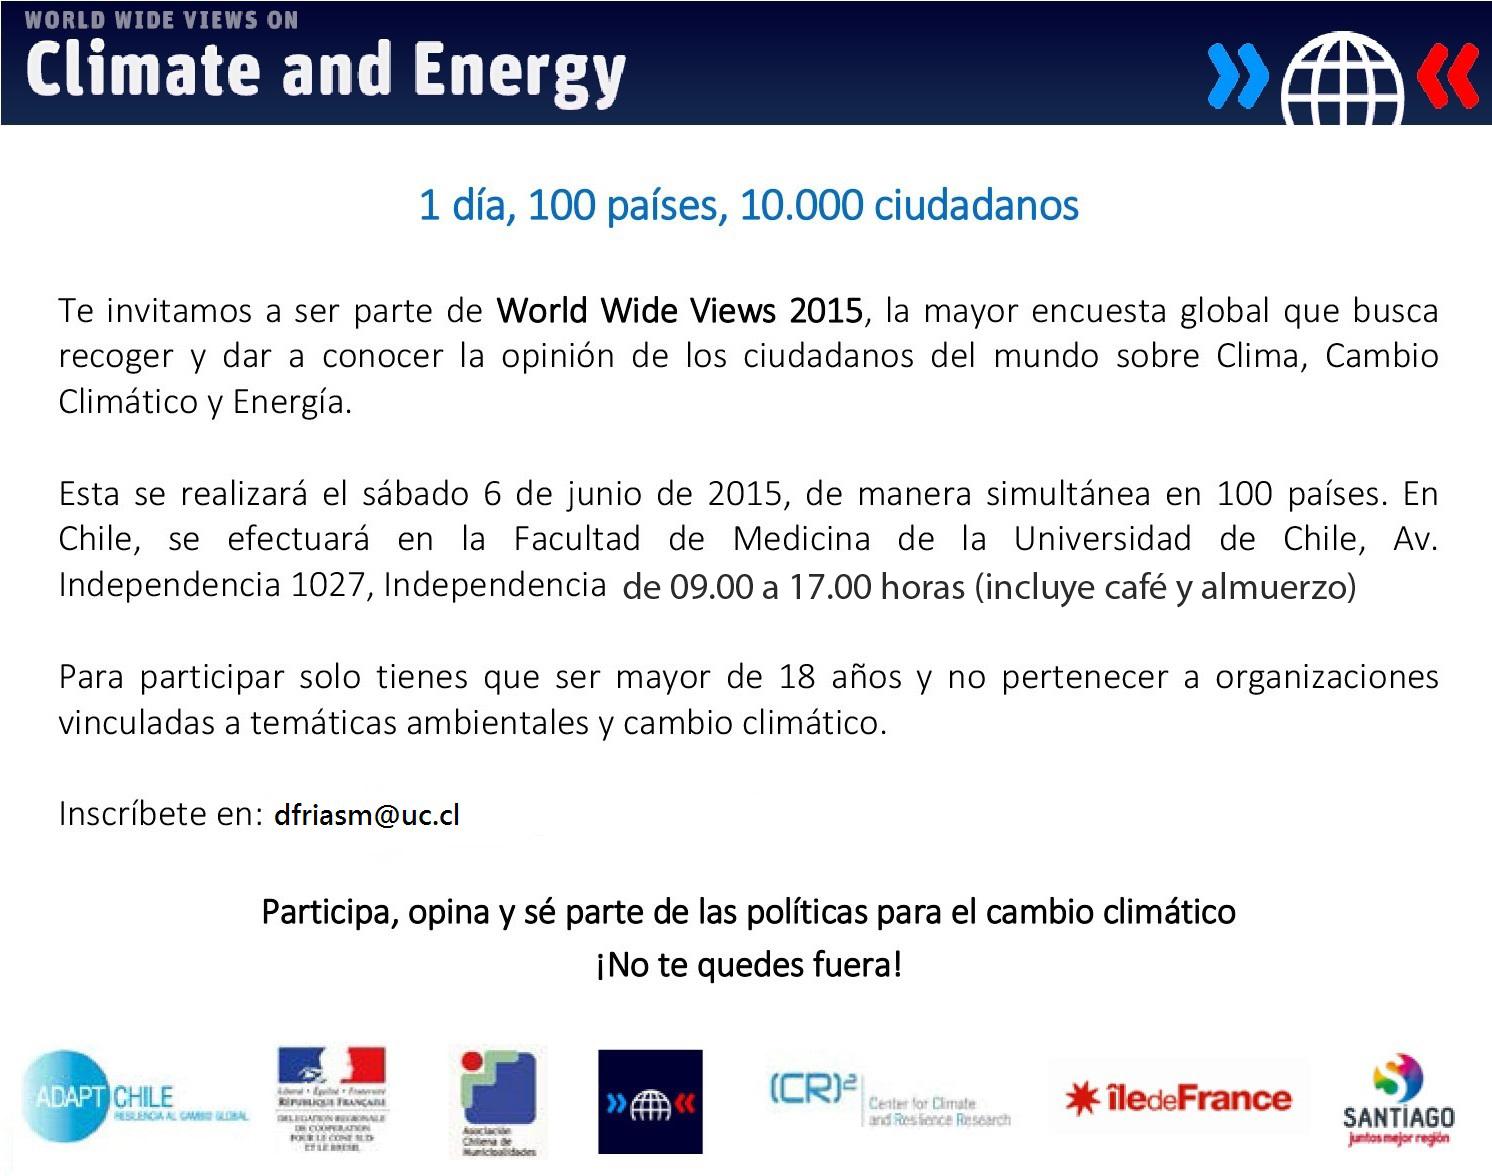 World Wide Views 2015: Chile será parte de la Mayor Consulta Ciudadana sobre Cambio Climático y Energía de la historia